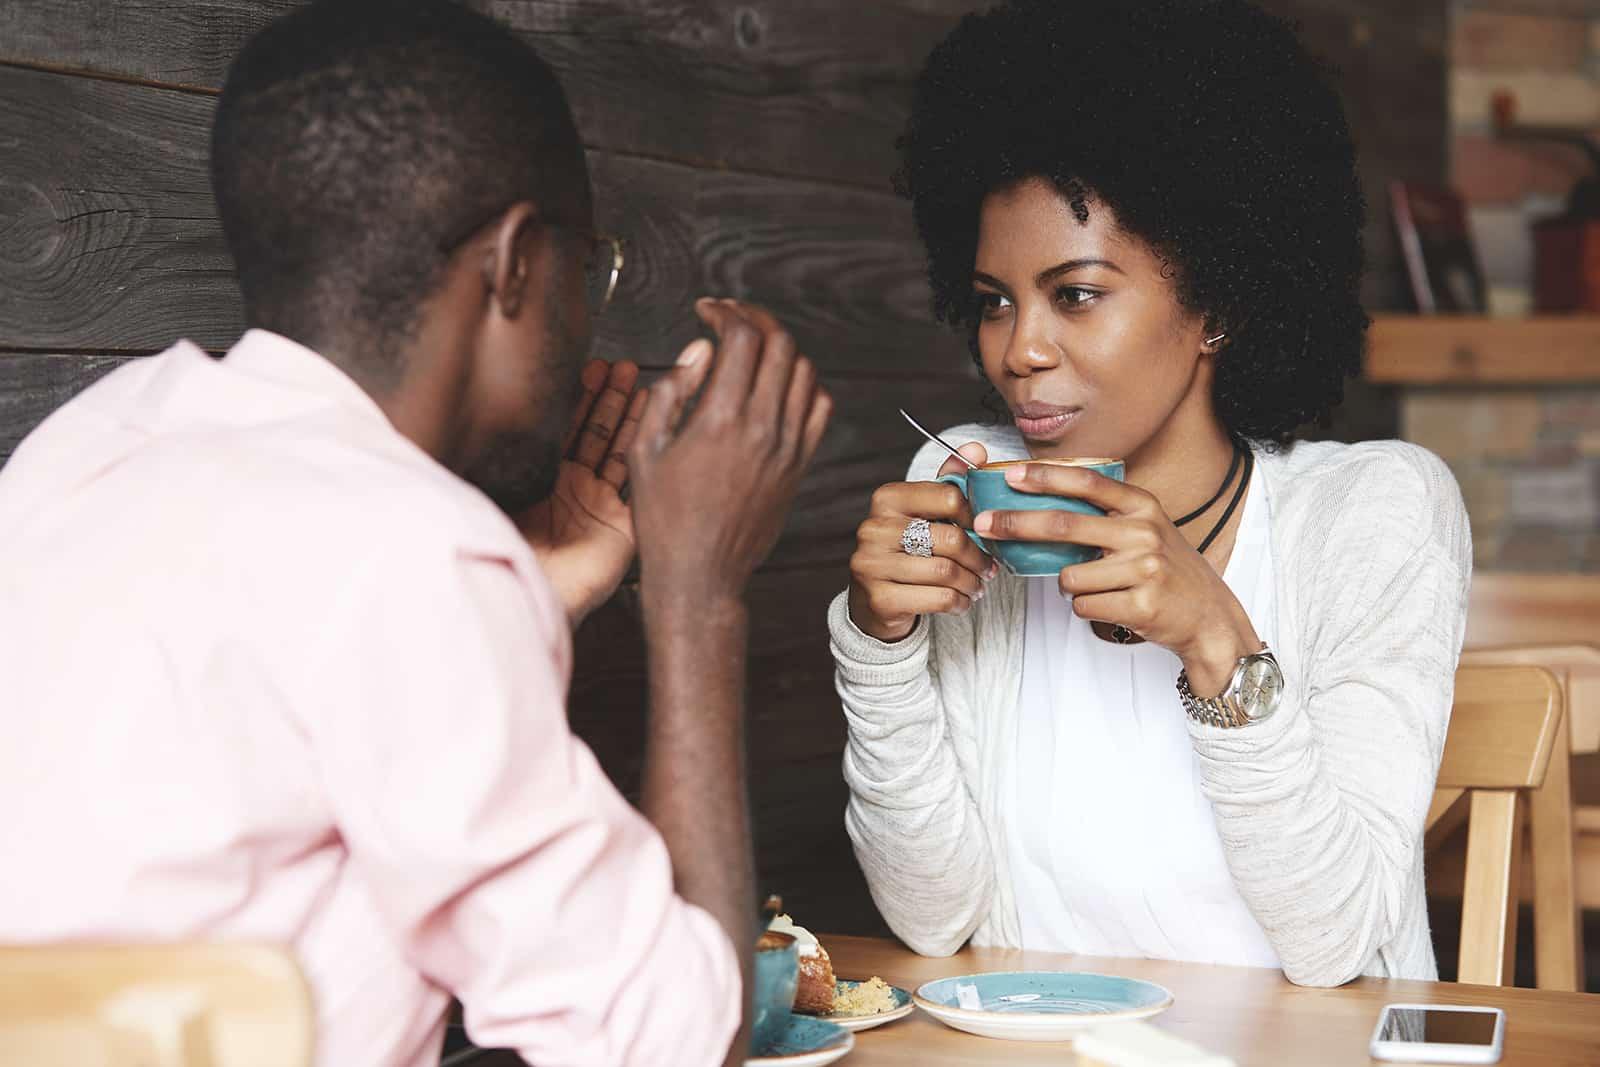 un homme parle à une femme assis dans un café ensemble